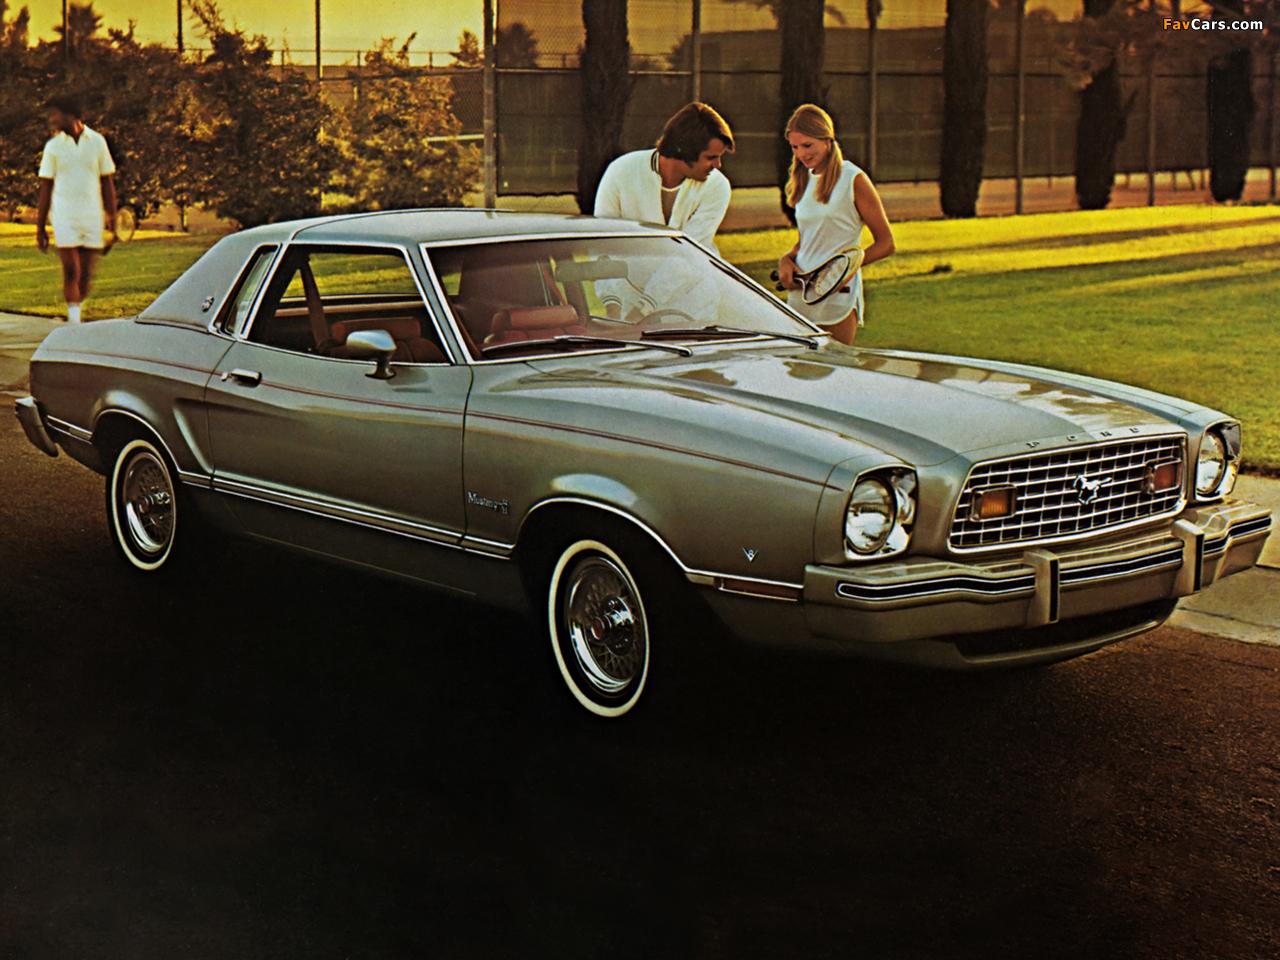 Mustang mpg ghia hardtop 1976 photos 1280 x 960